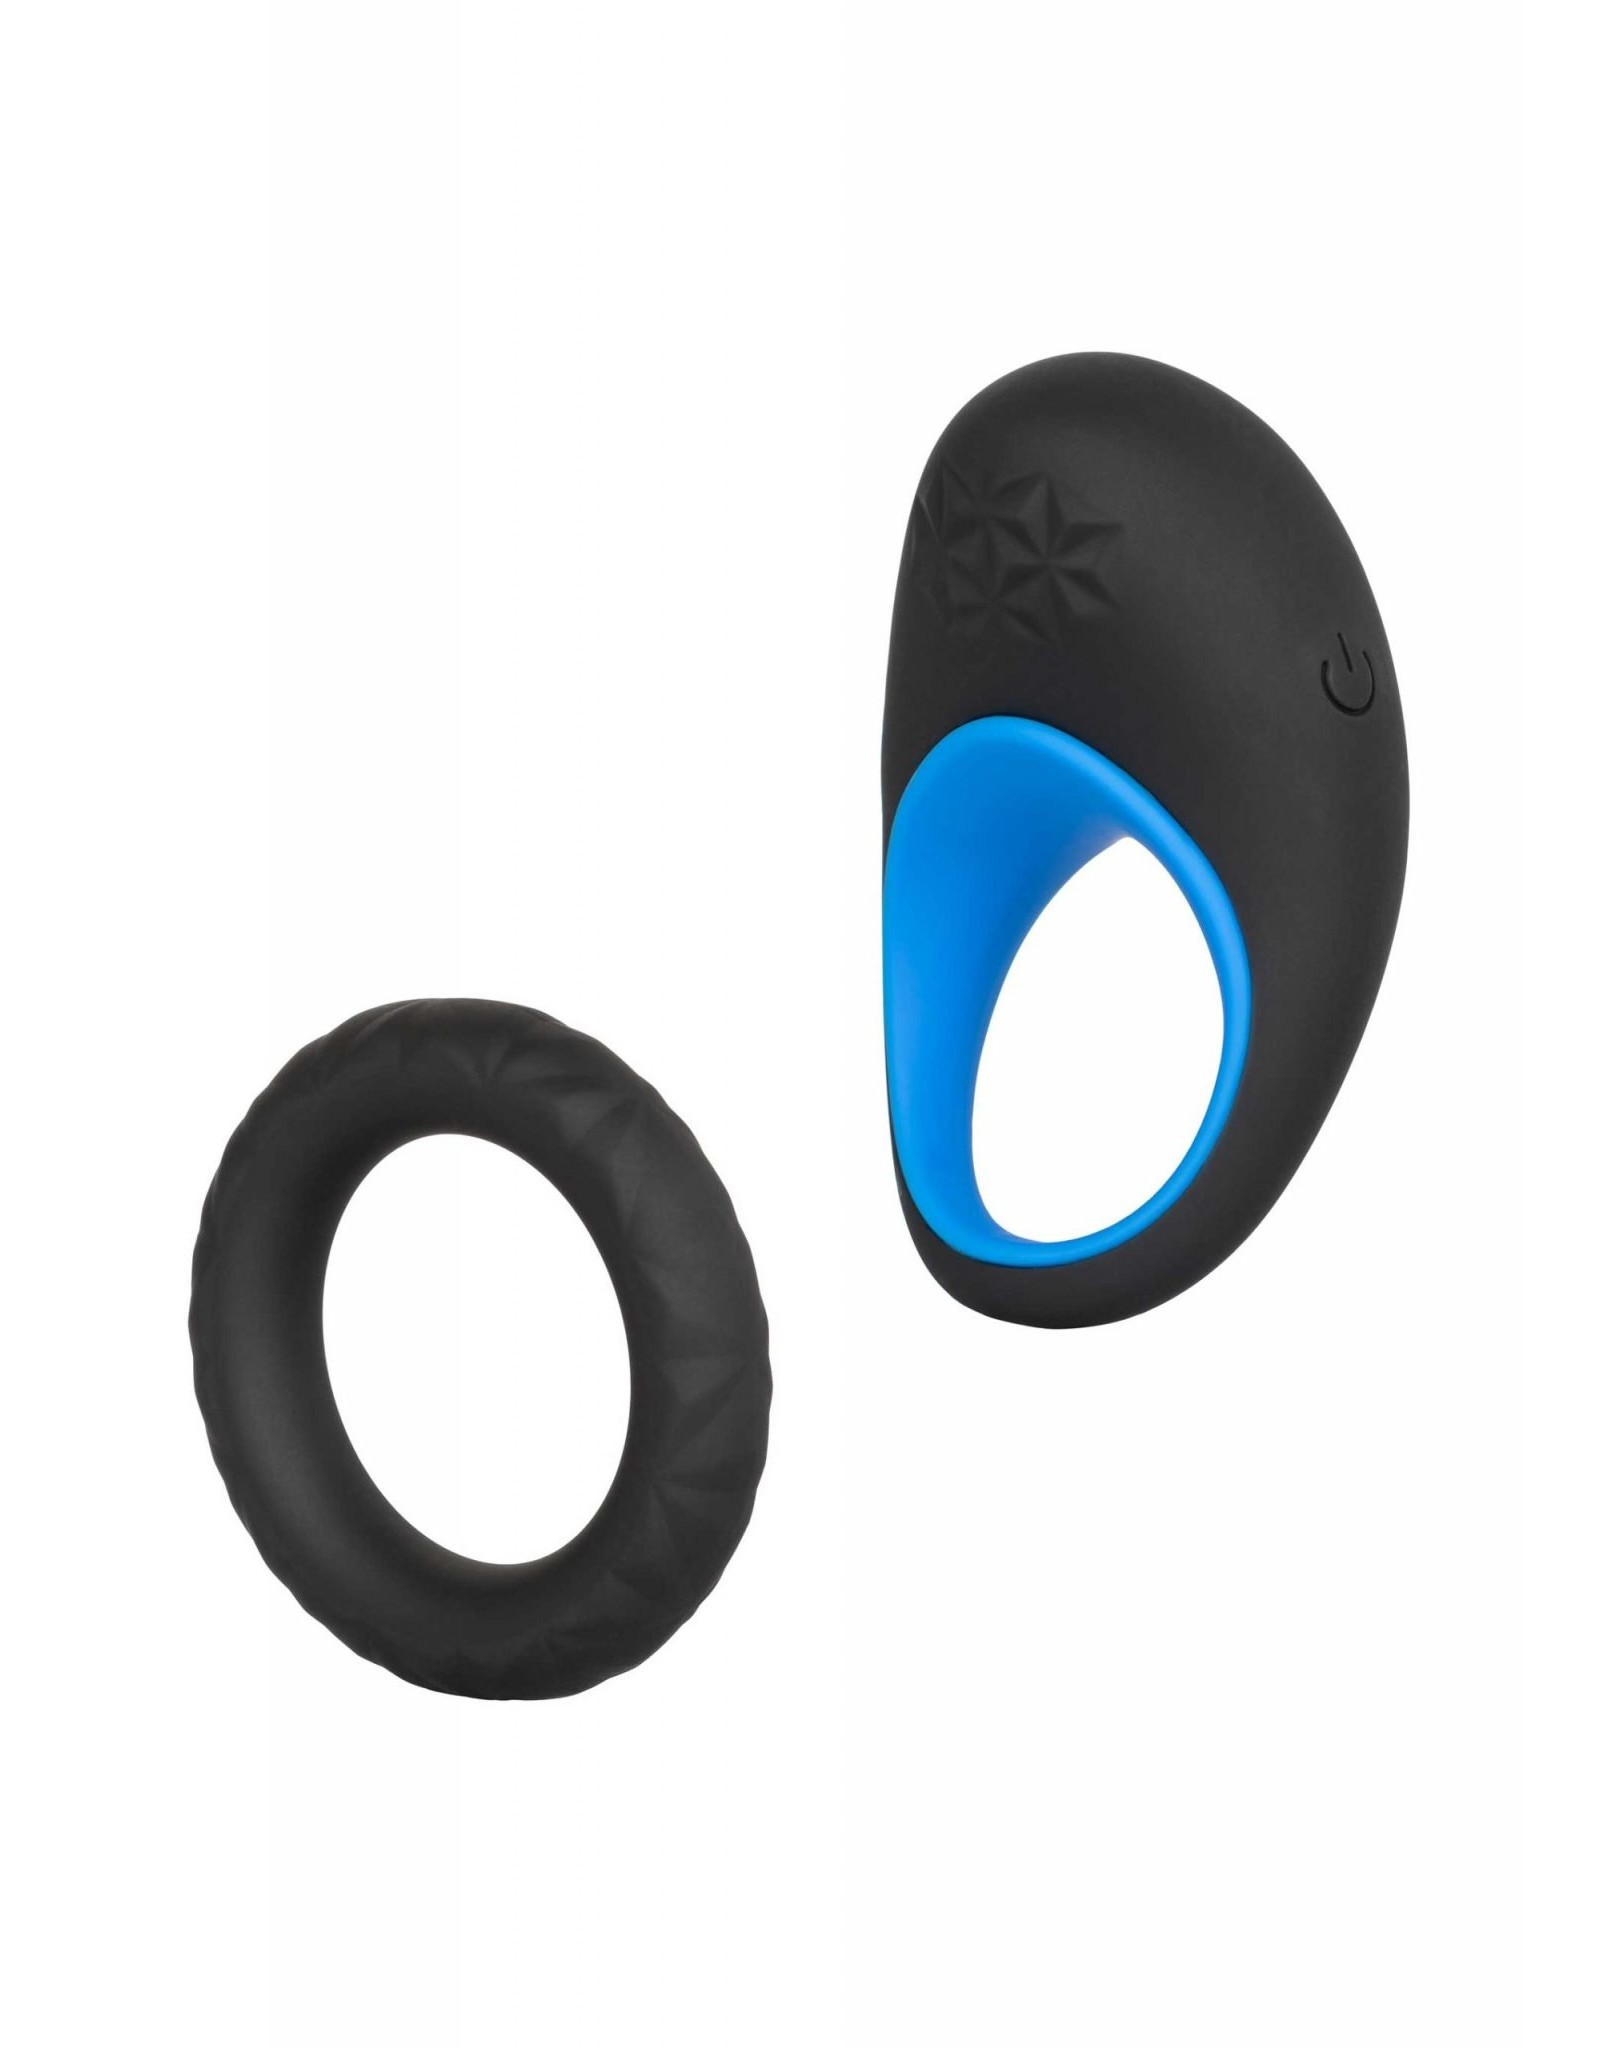 CALEXOTICS CALEXOTICS - LINK UP MAX - VIBE COCK RING